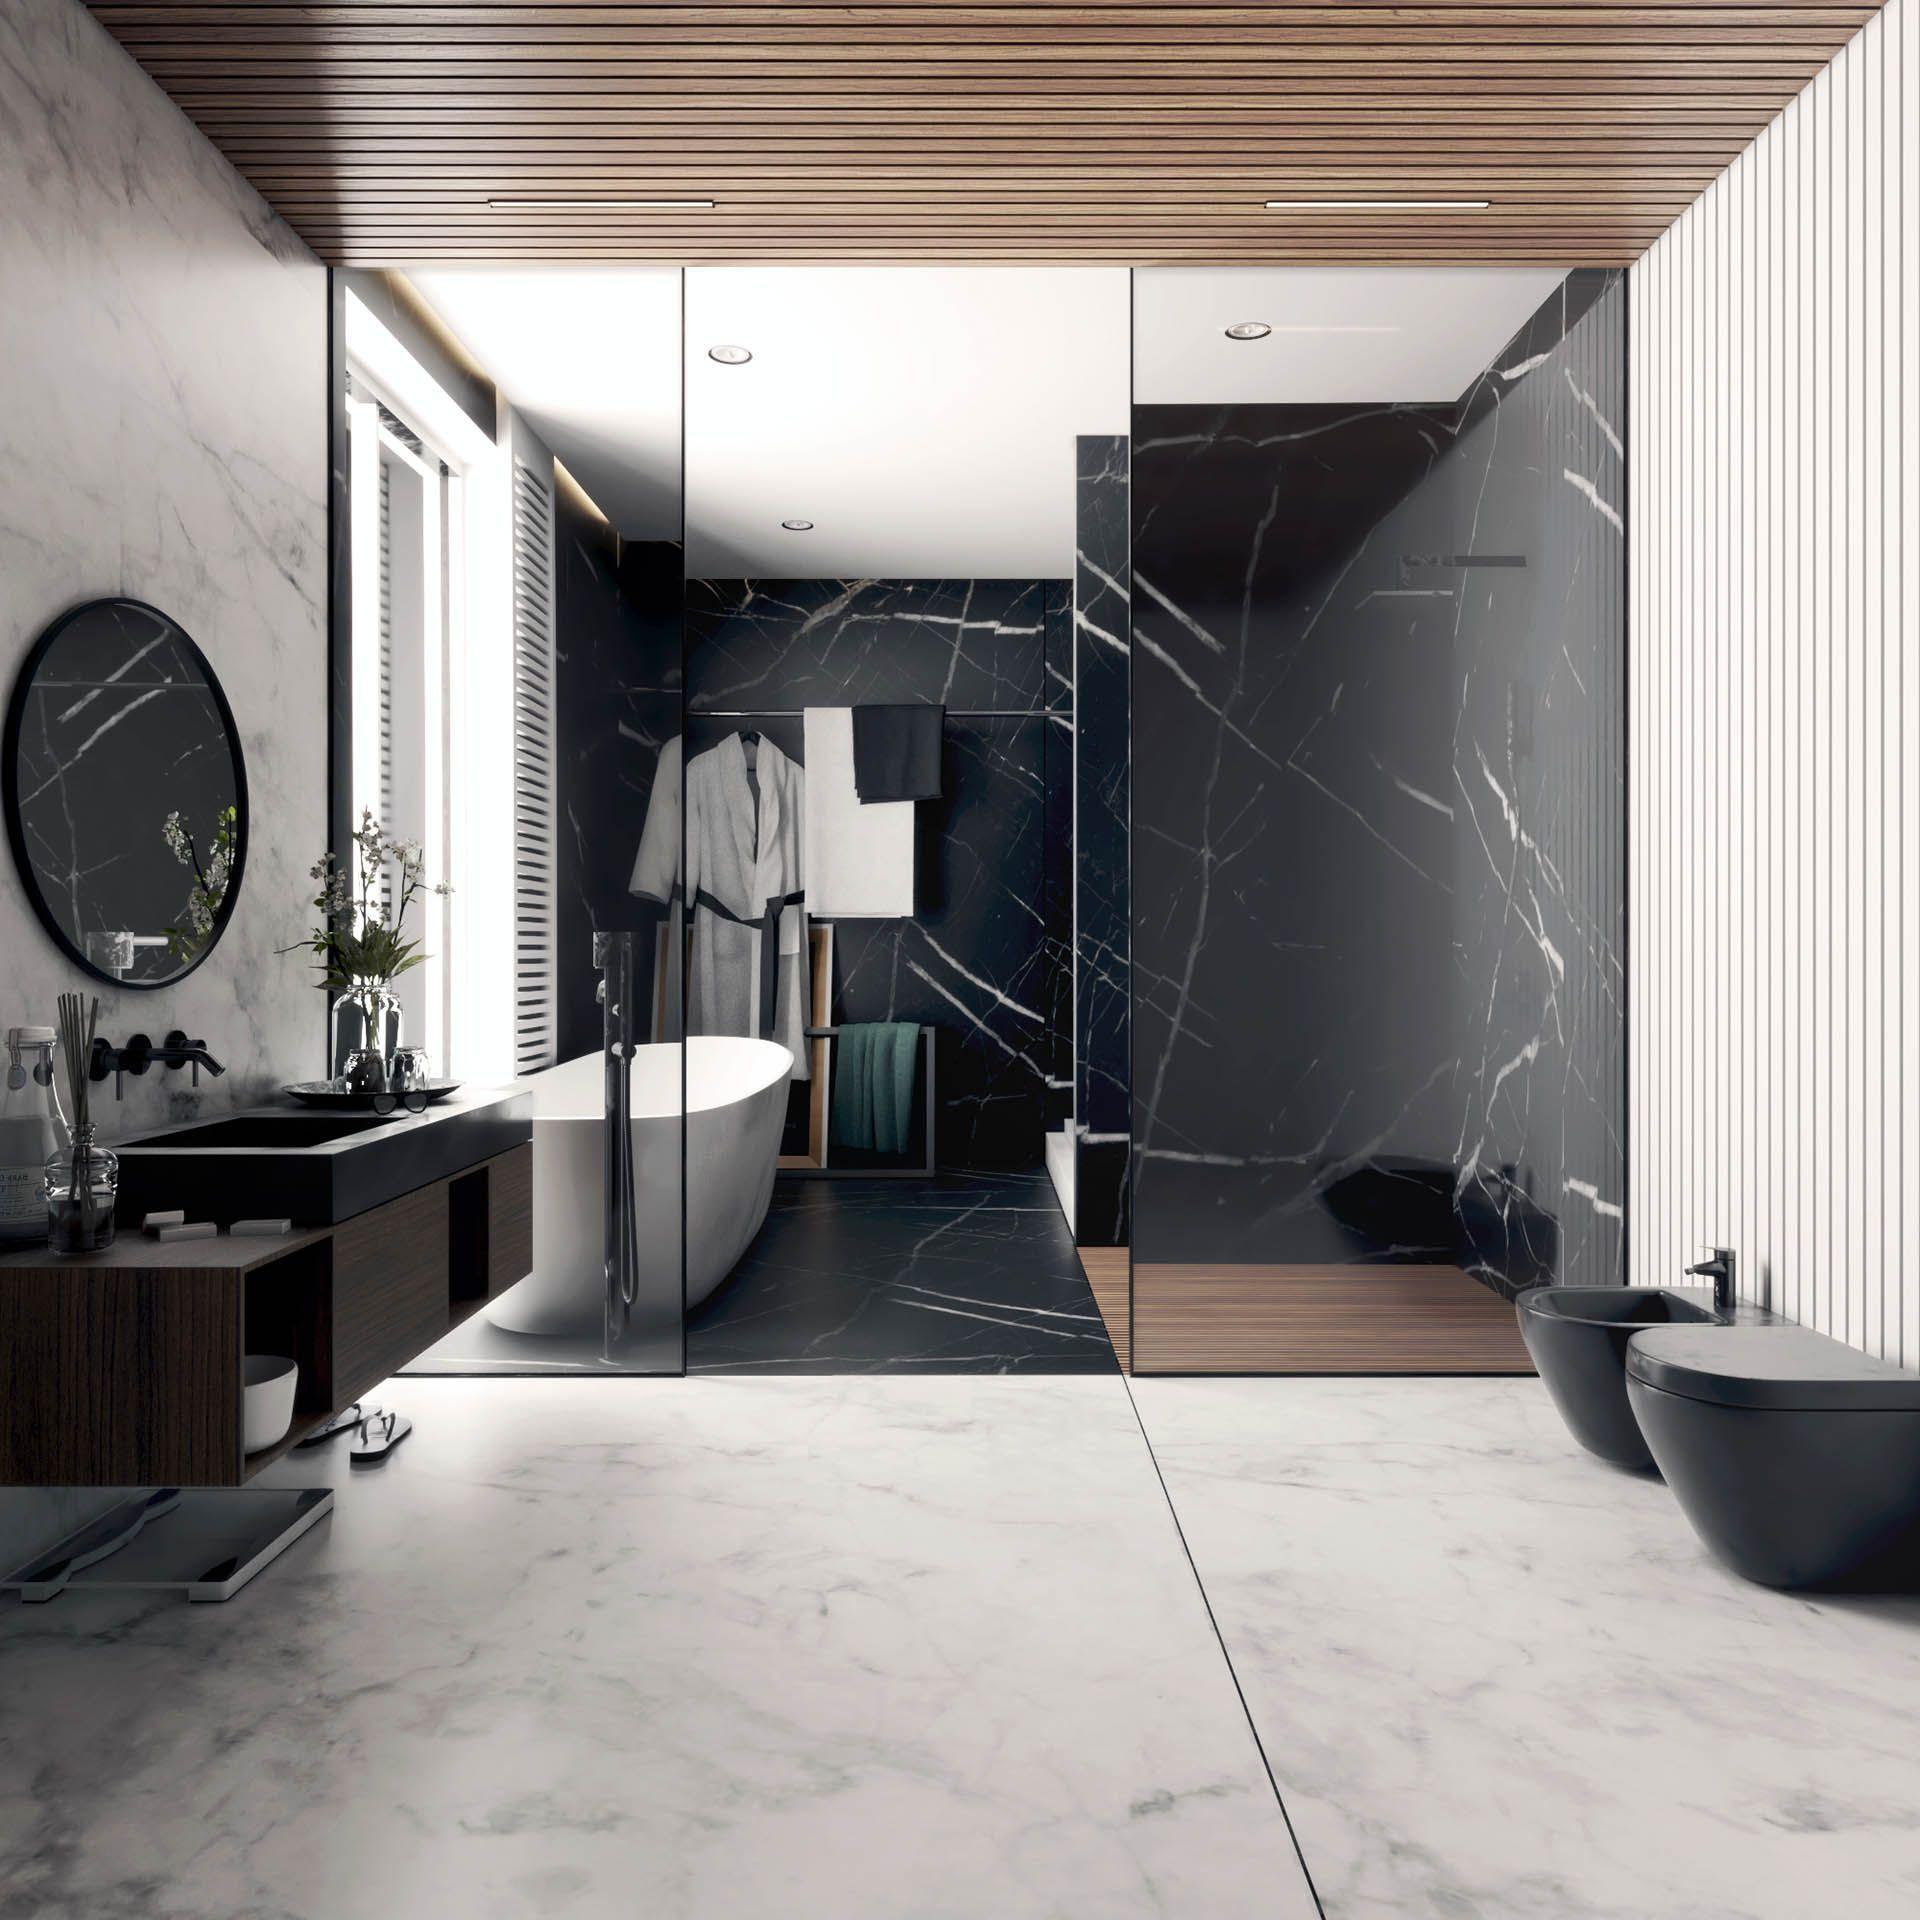 Great Tile Ideas For Small Bathrooms Bathroom Design Luxury Contemporary Bathroom Designs Contemporary Bathrooms